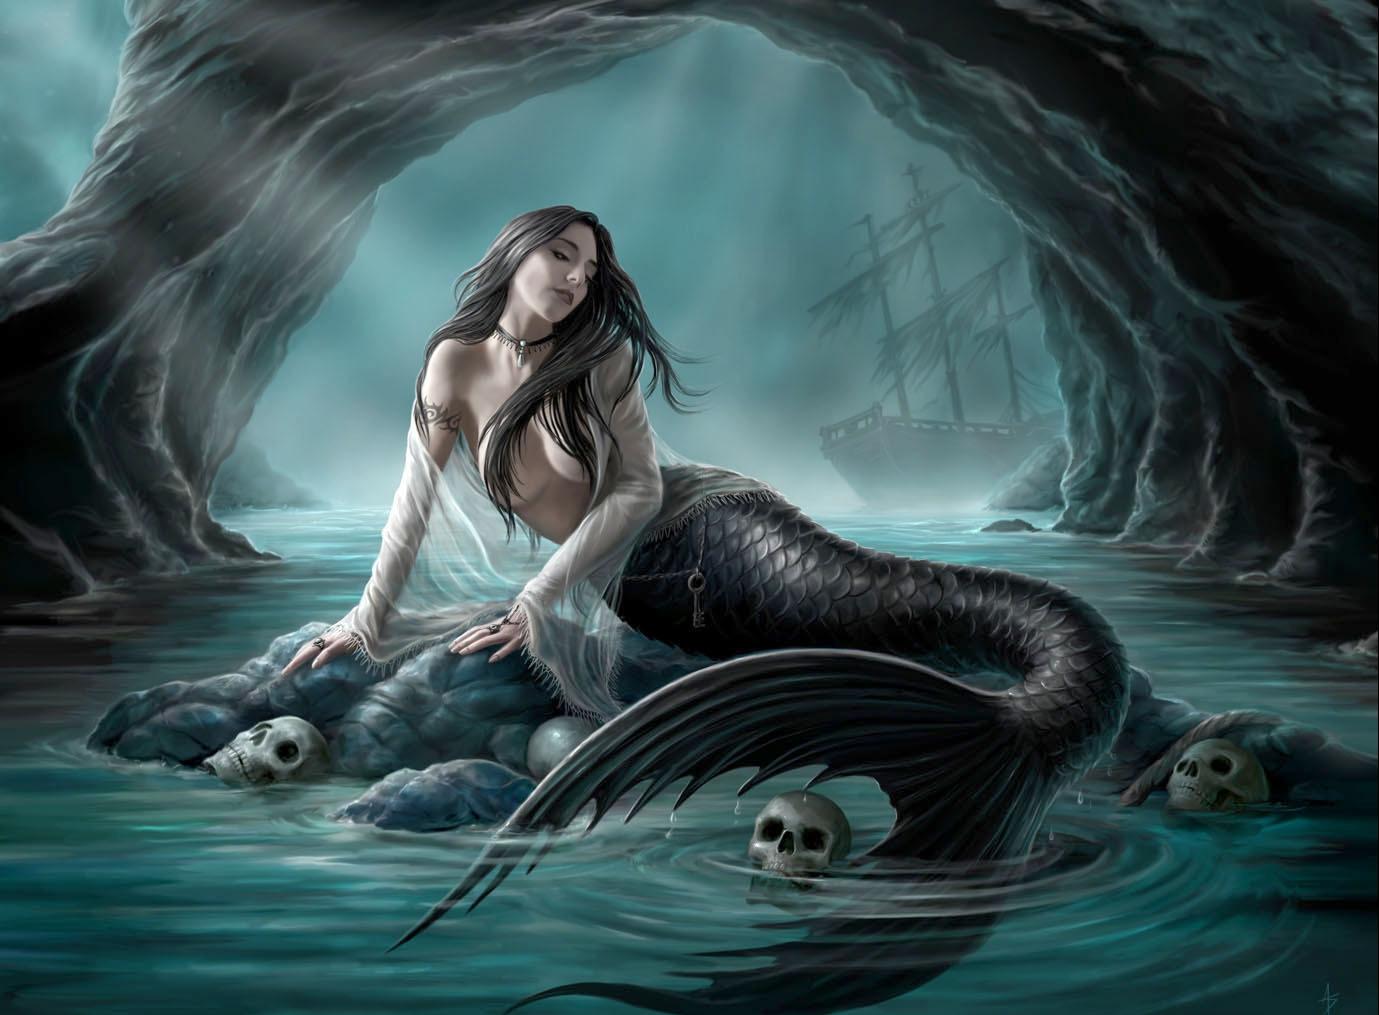 Русалки — одни из самых загадочных и наиболее симпатичных мифологических персонажей.